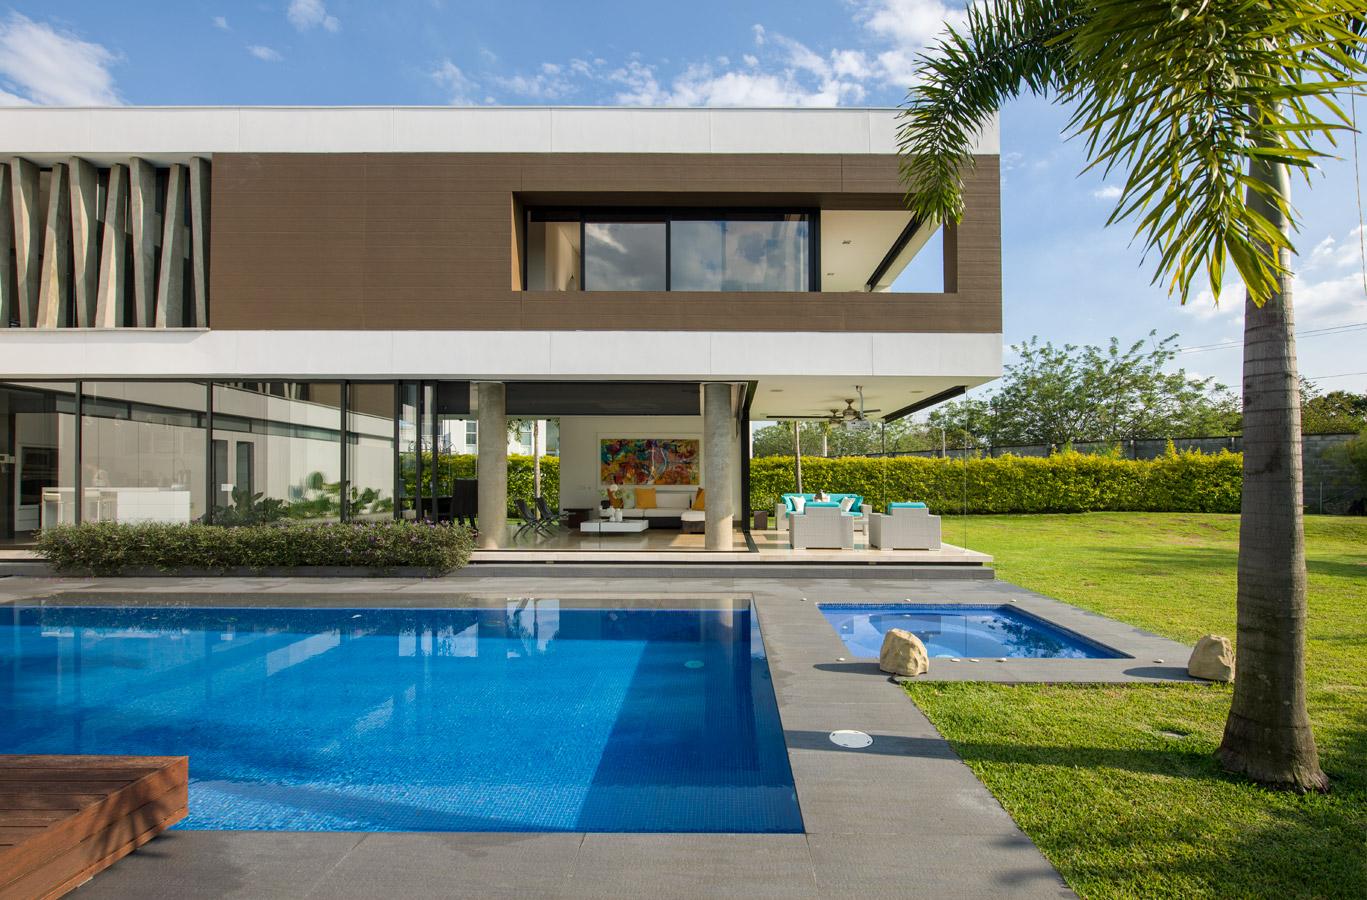 La zona social, transparente y liviana, se expande hacia la terraza donde están la piscina y el jacuzzi, ambos enchapados en baldosines de tono azul fuerte para generar un ambiente alegre.